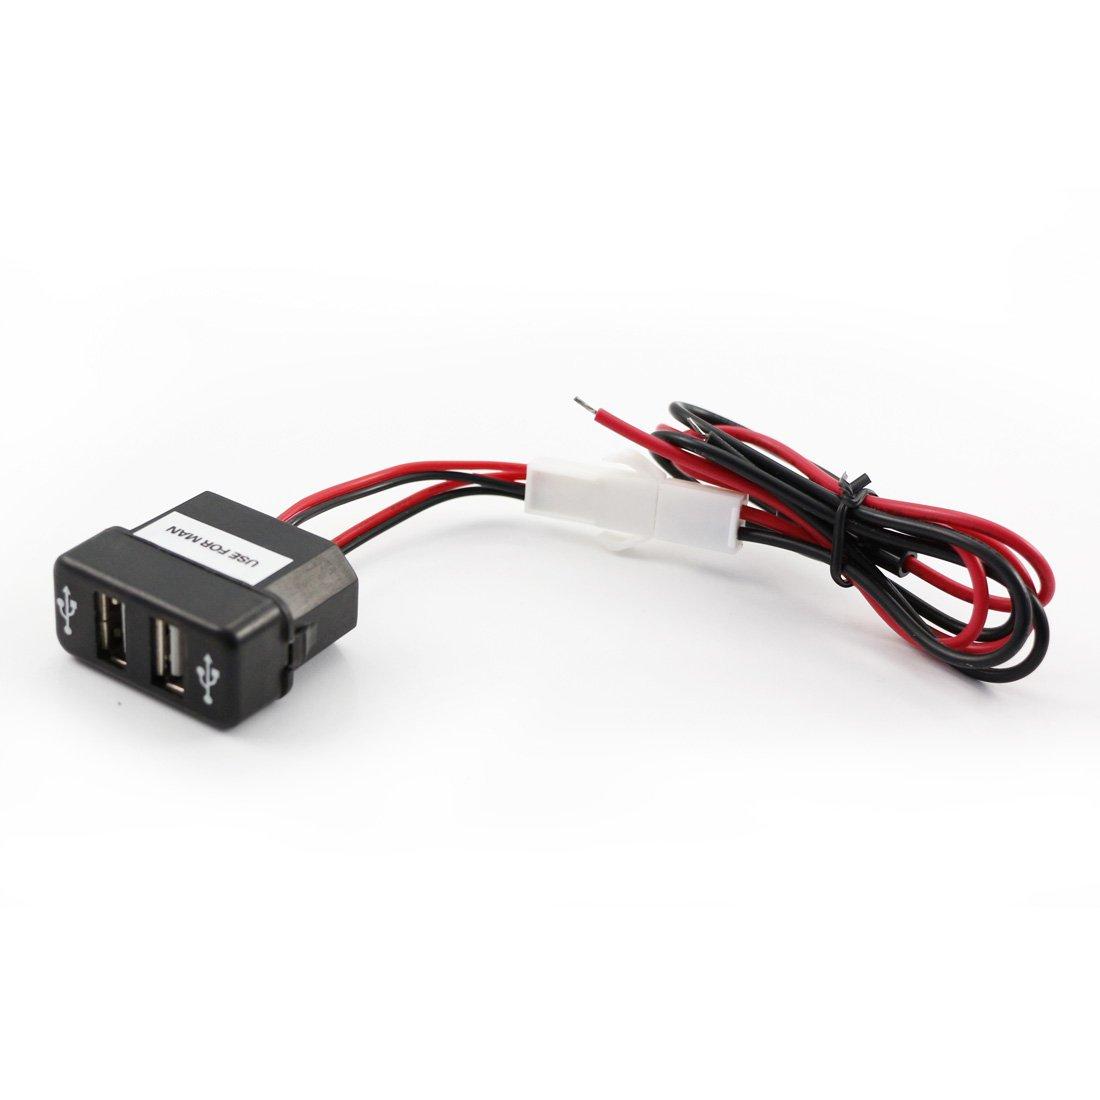 12//24/V max 3/a Precipitare Dual USB caricabatteria per Man Tga Tgl Tgm Truck Outlet Port OEM Fit